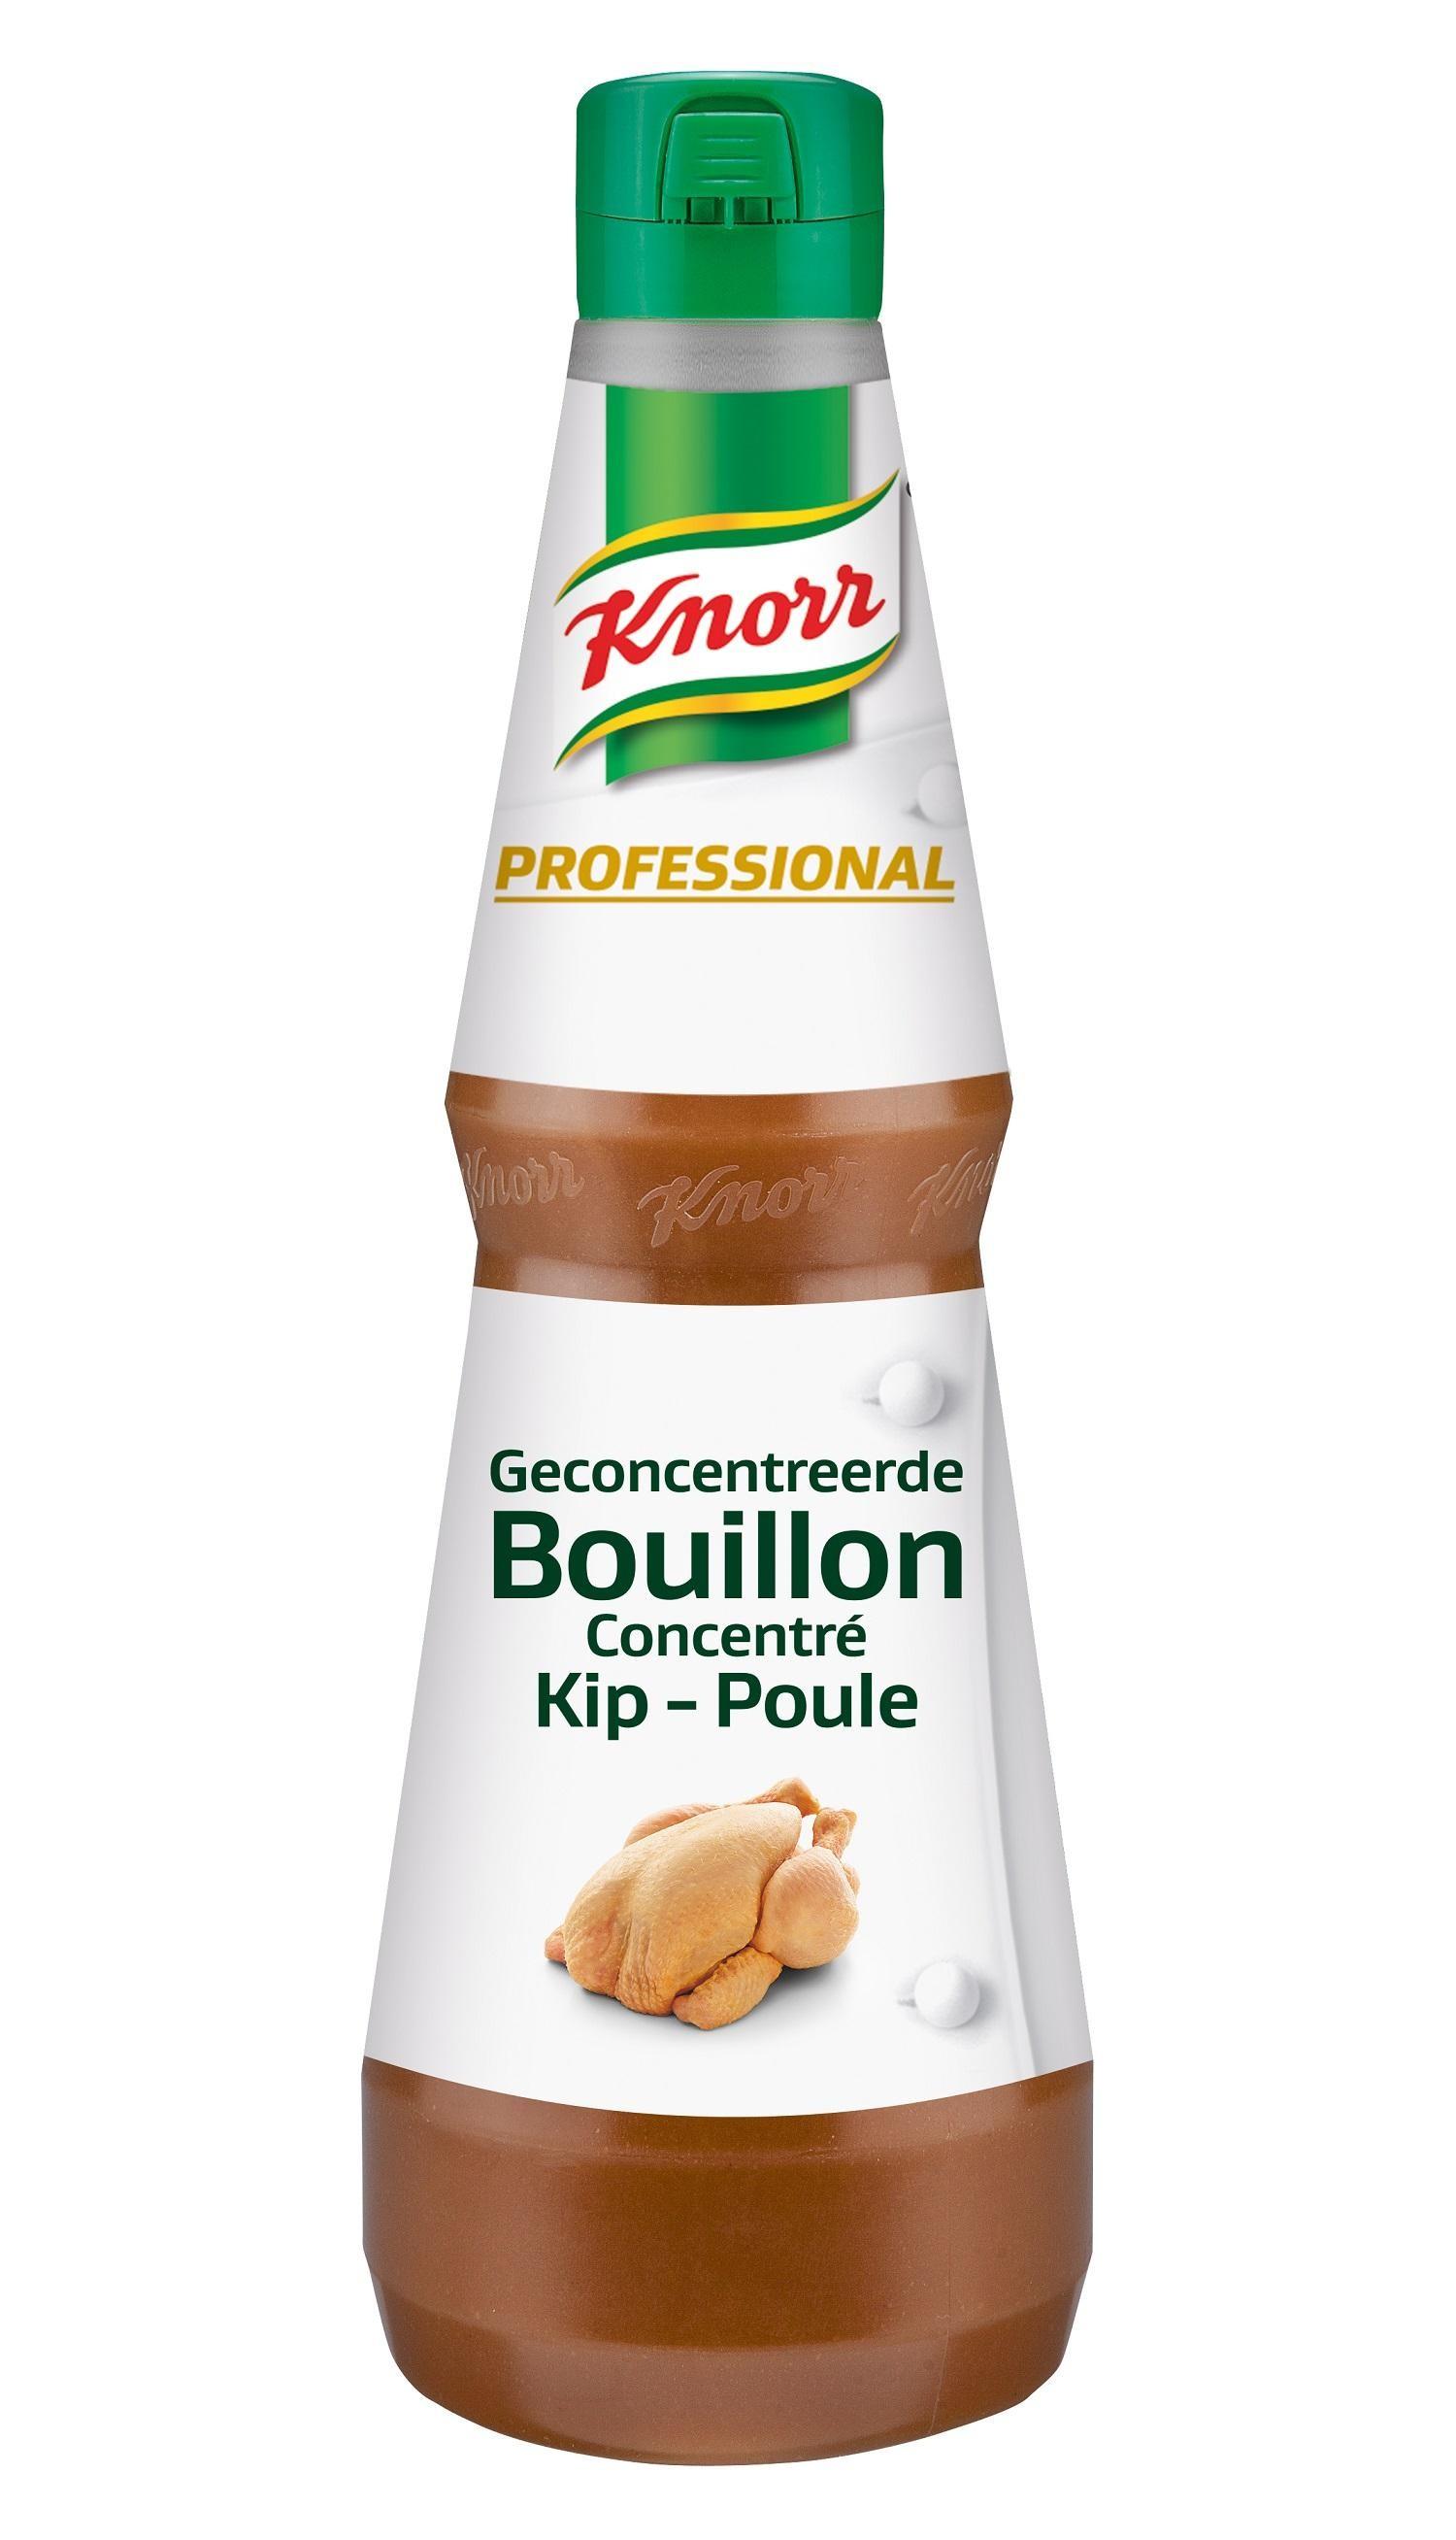 Knorr Bouillon Liquide Concentré de Poulet 1L Professional